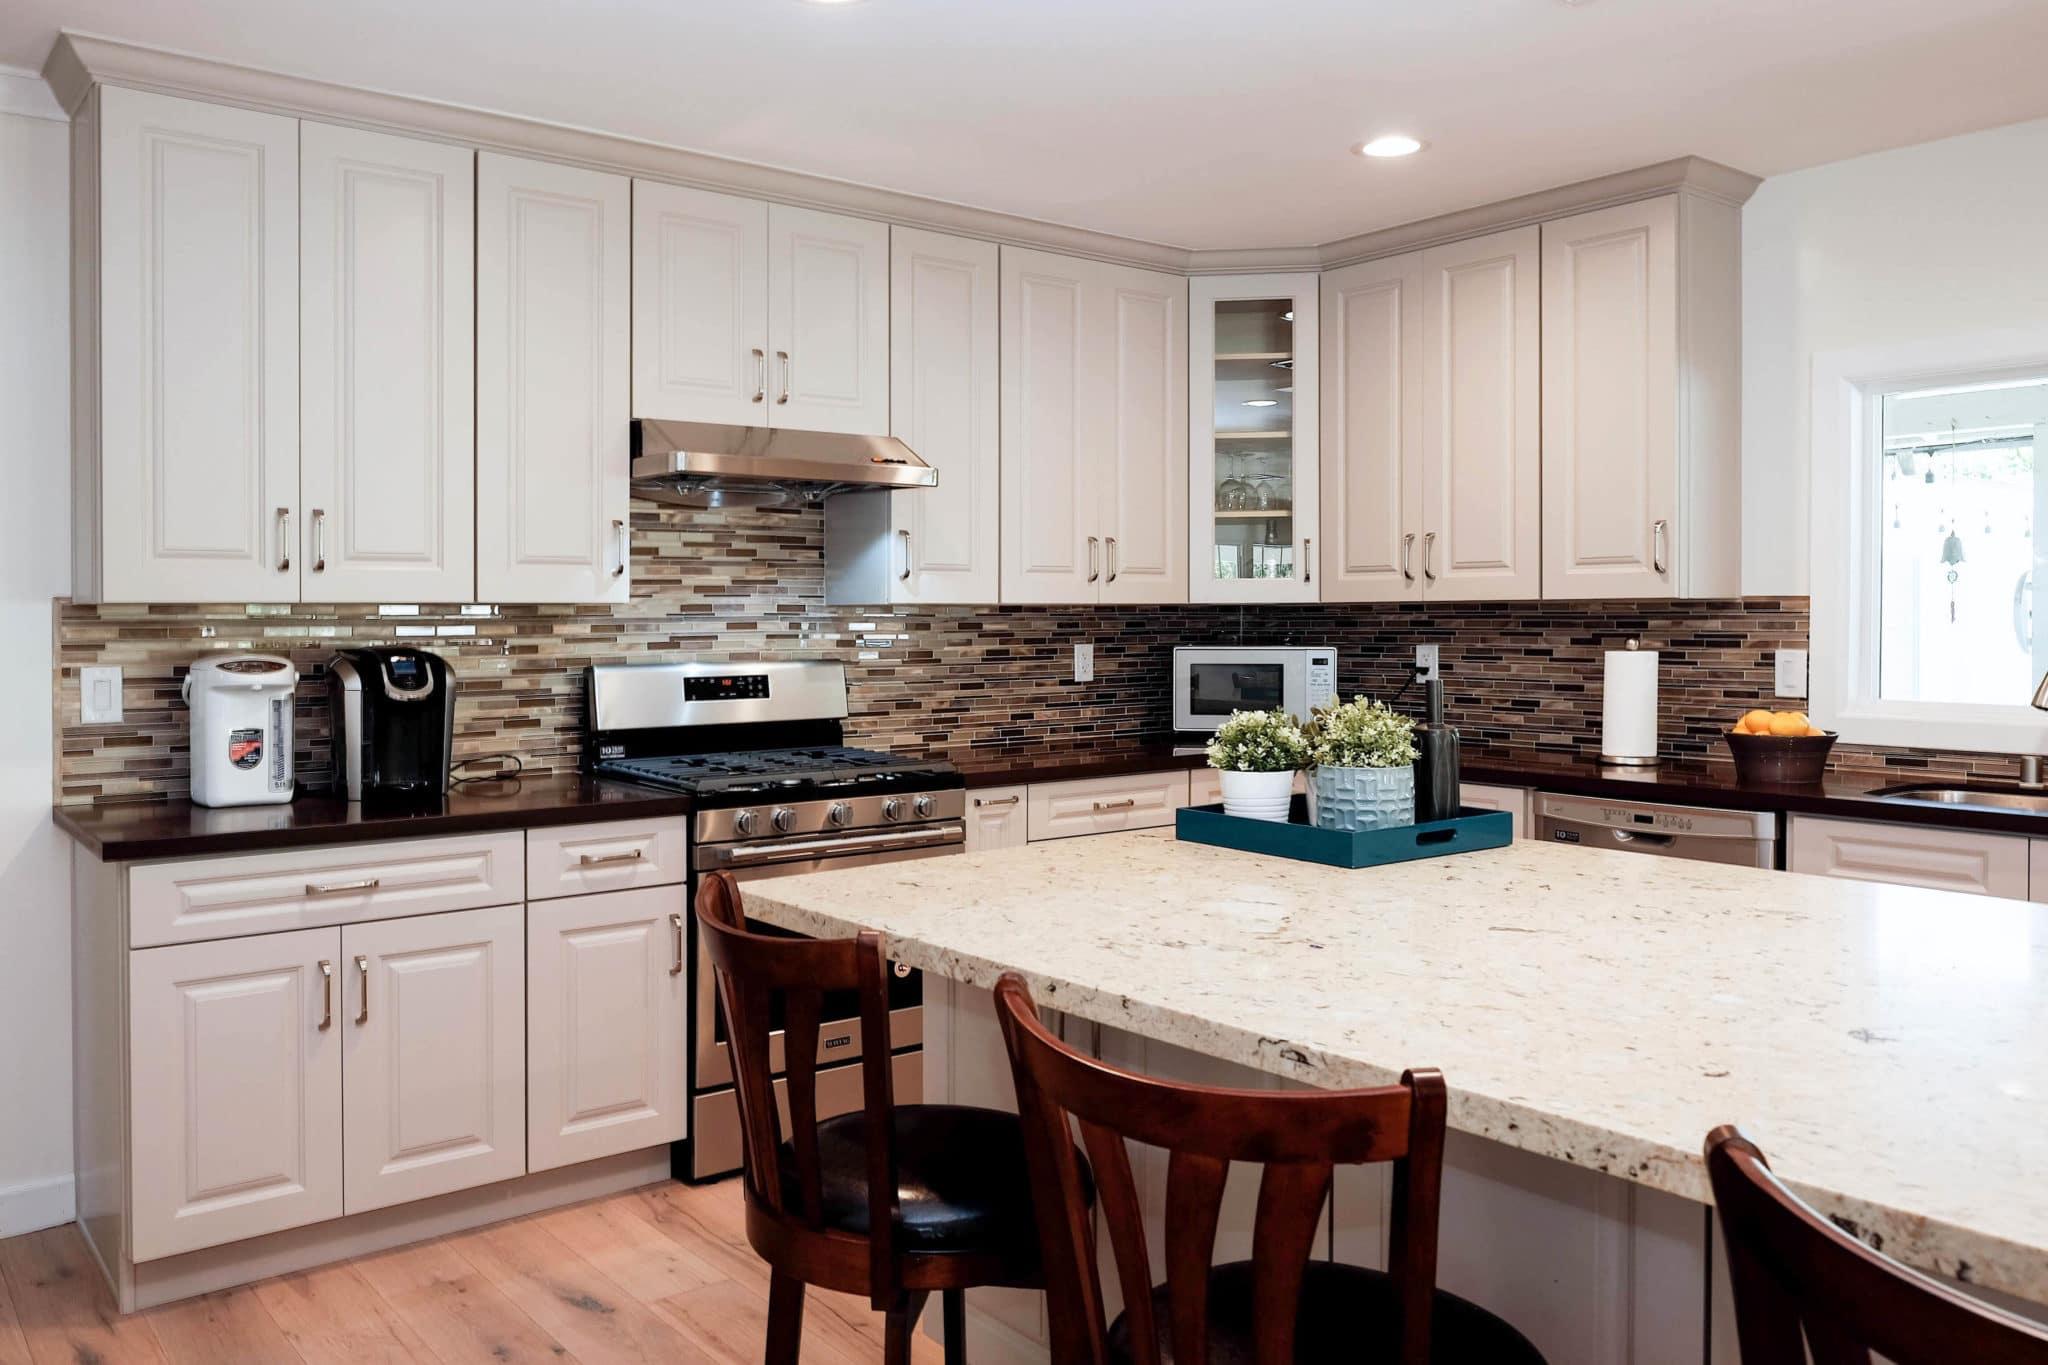 Most Popular Kitchen Designs of 2020 - Best Online Cabinets